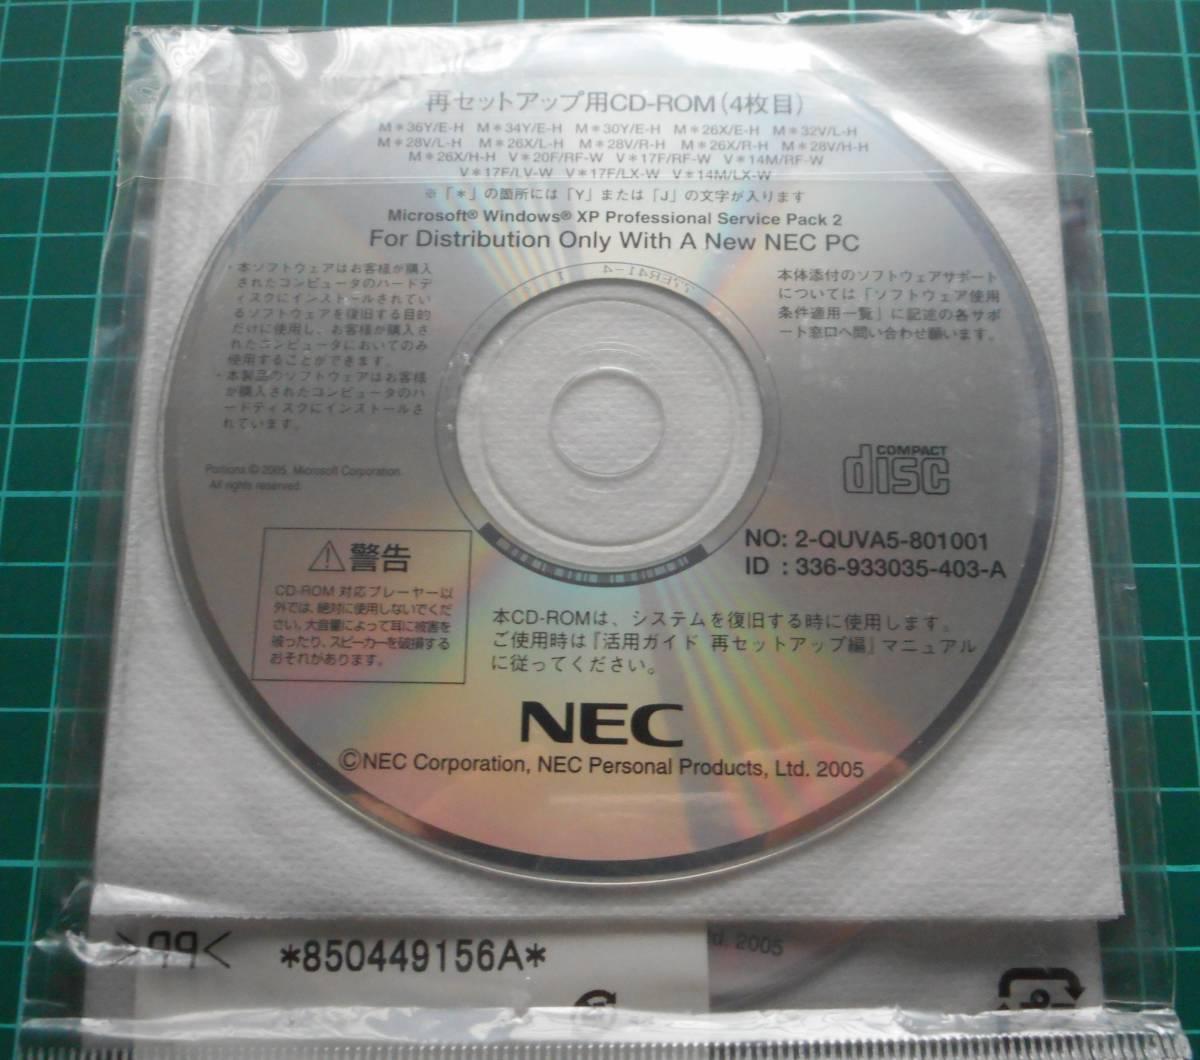 NEC 再セットアップCD-ROM 4枚組 未開封 中古(管17)_画像6